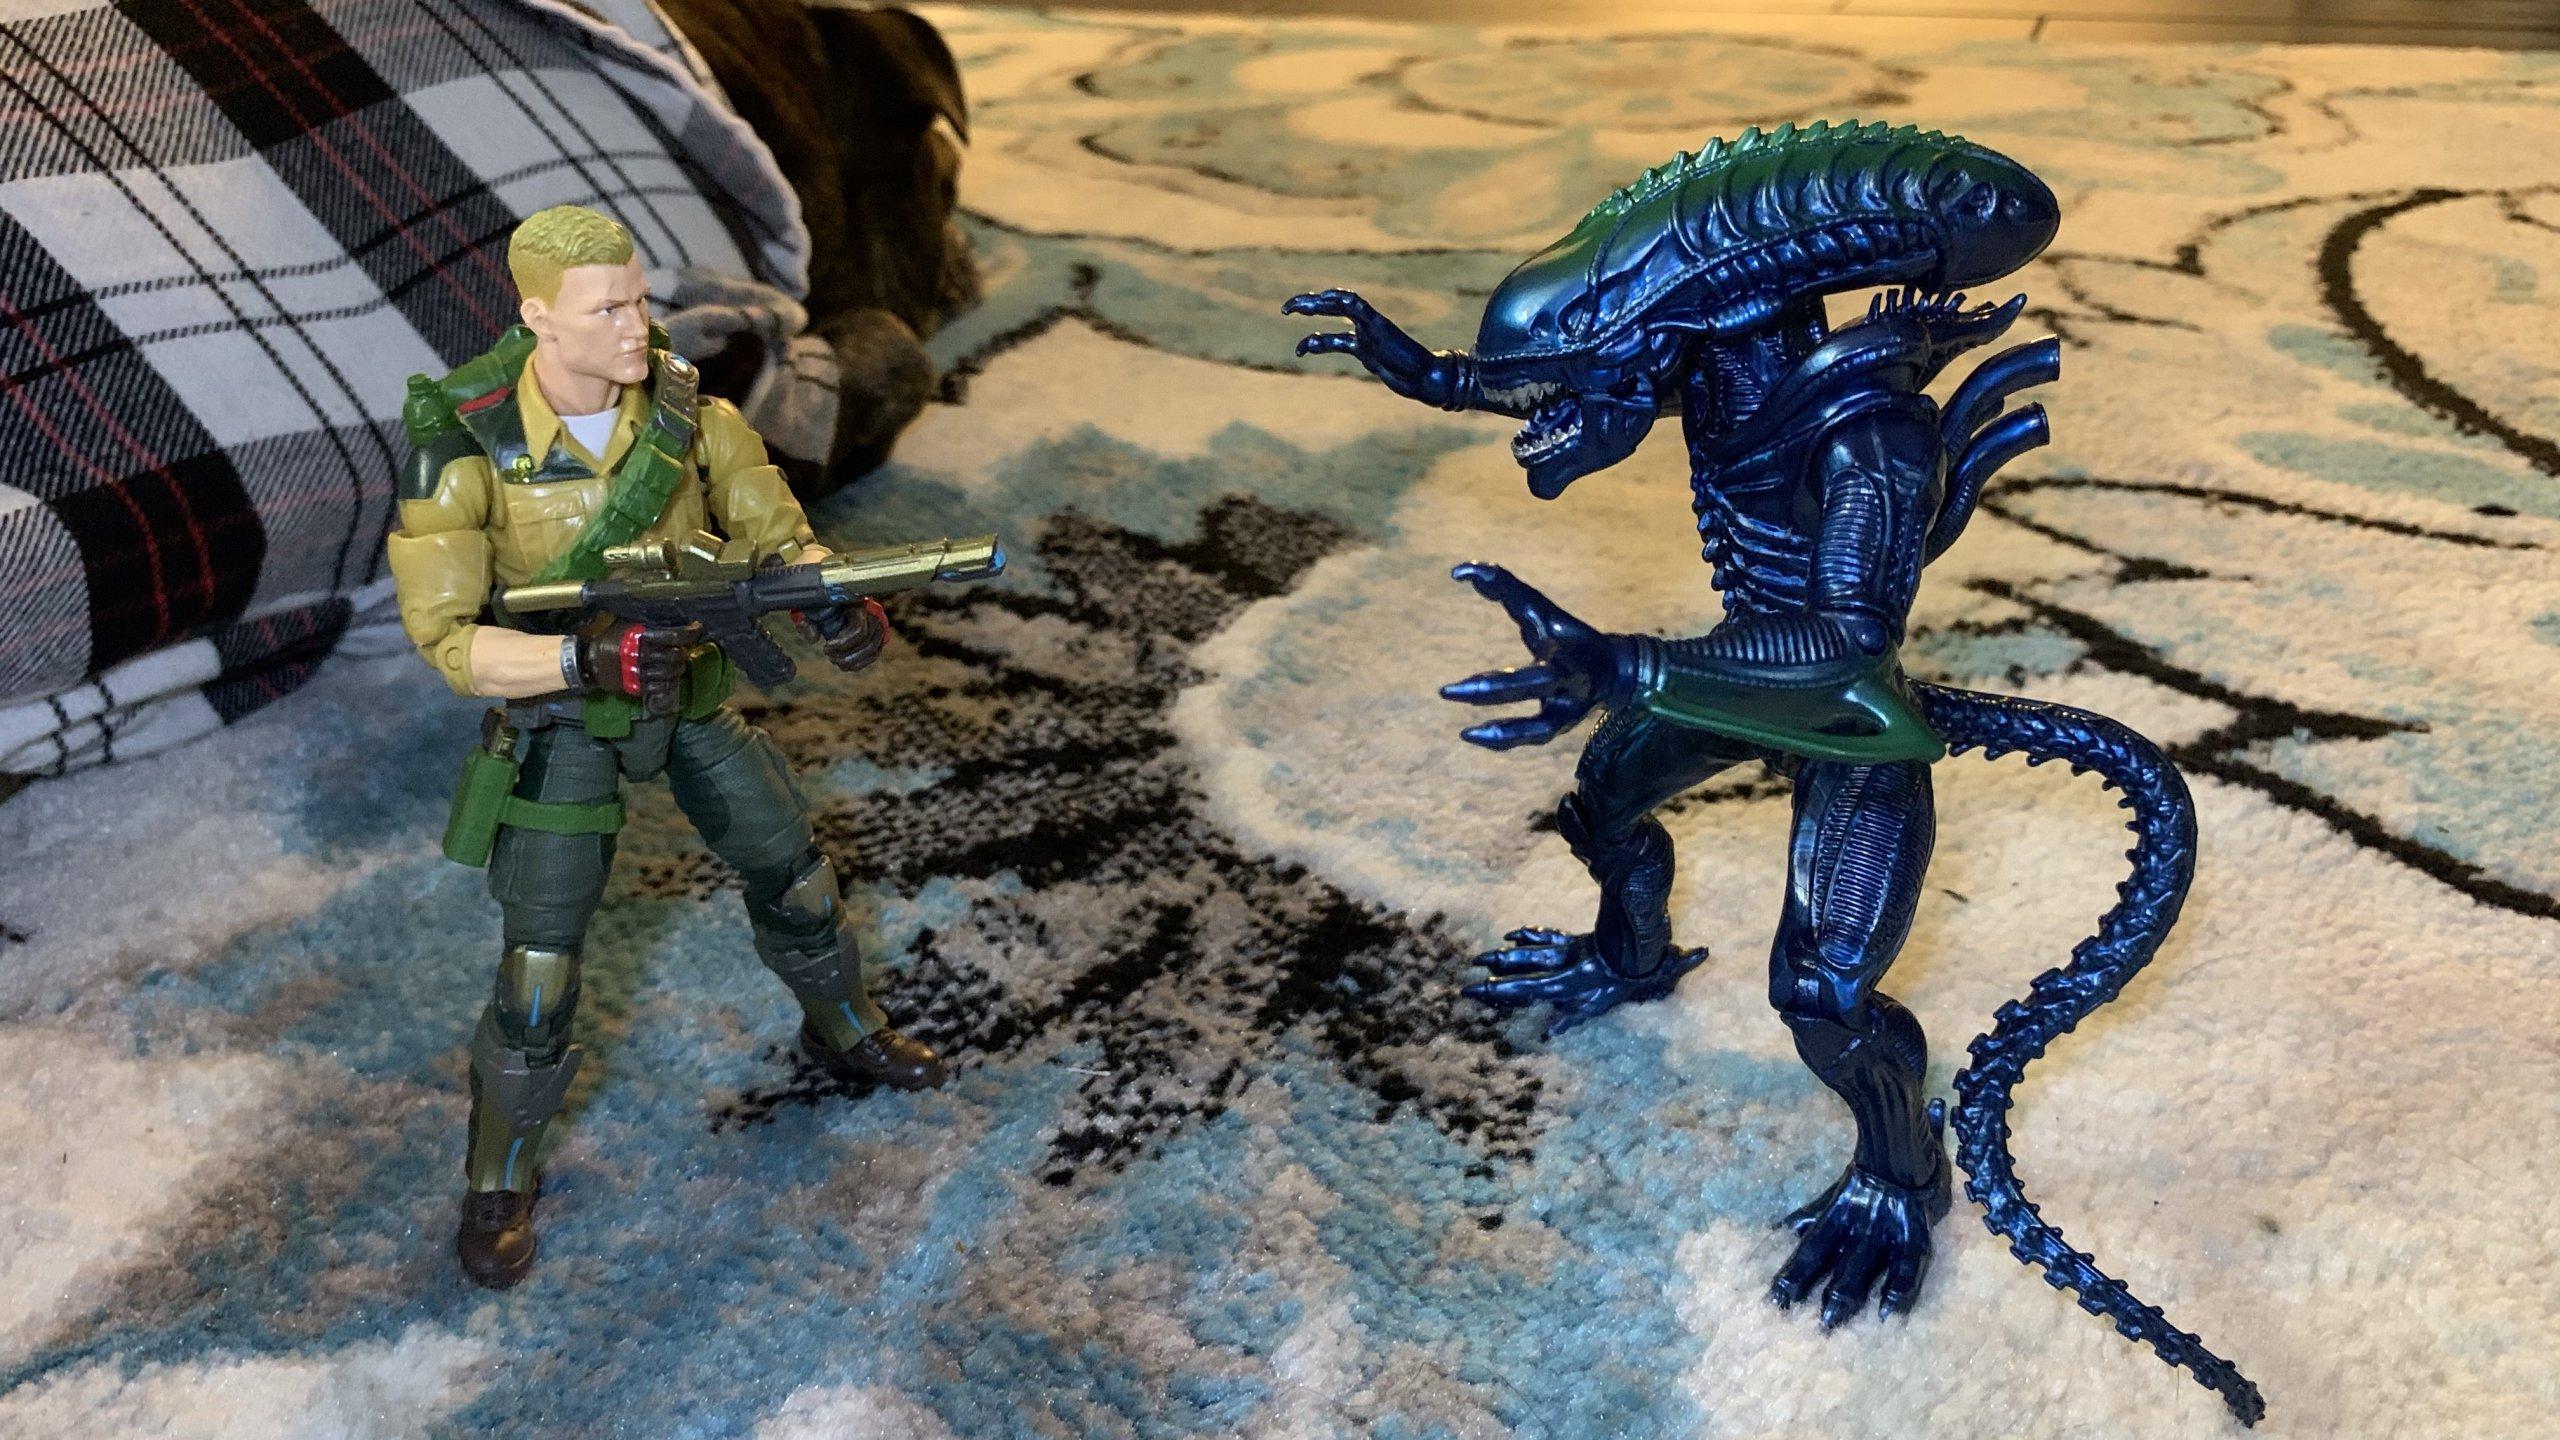 Lanard Toys Alien Warrior Xeno and Hasbro G.I. Joe Classified Duke